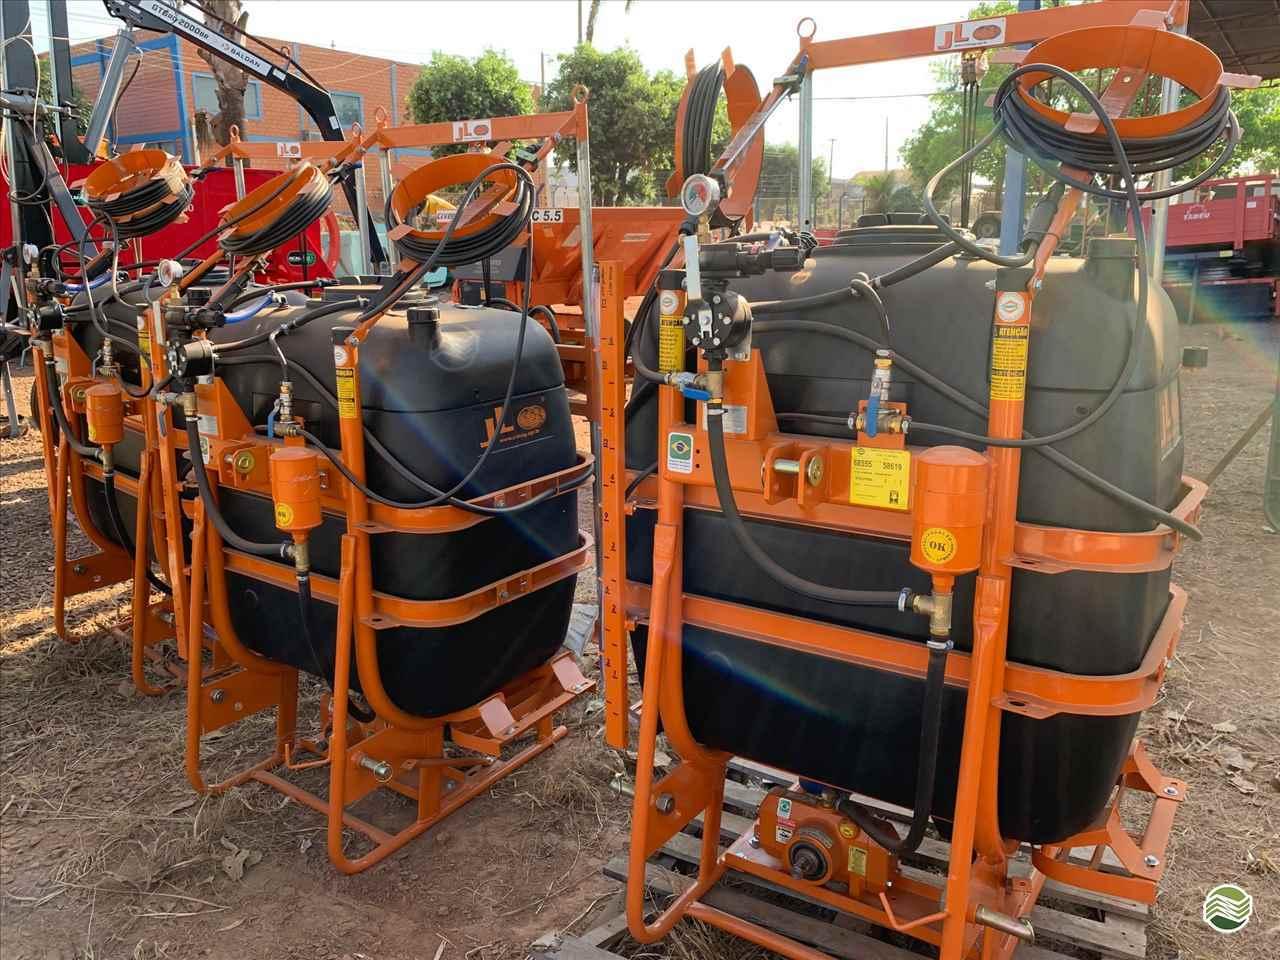 PULVERIZADOR CIMAG 600 L Acoplado Hidráulico Mercadão Agrícola MT RONDONOPOLIS MATO GROSSO MT